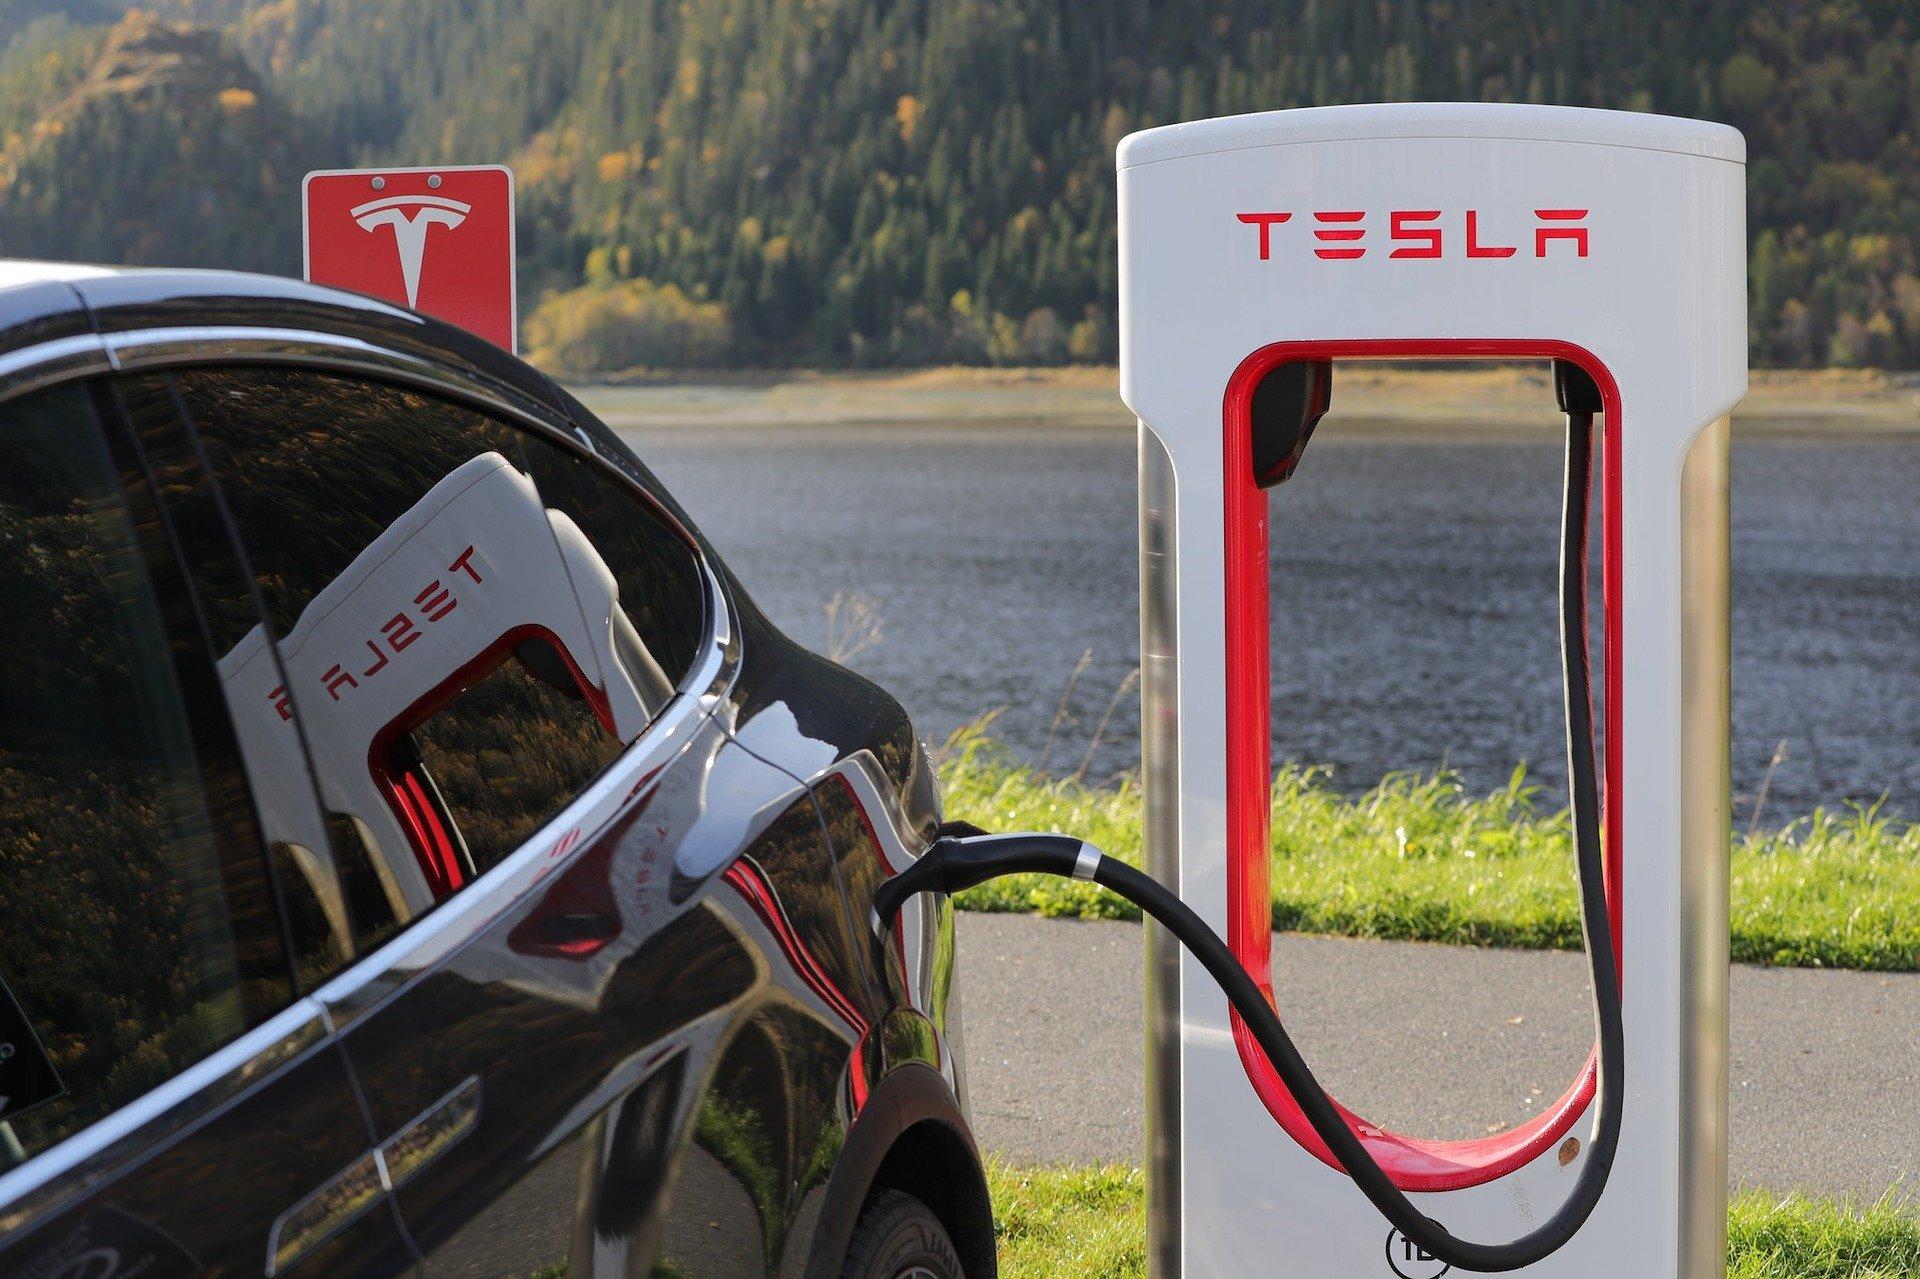 Tesla : Model S Plaid et une voiture à 25.000 dollars en 2023